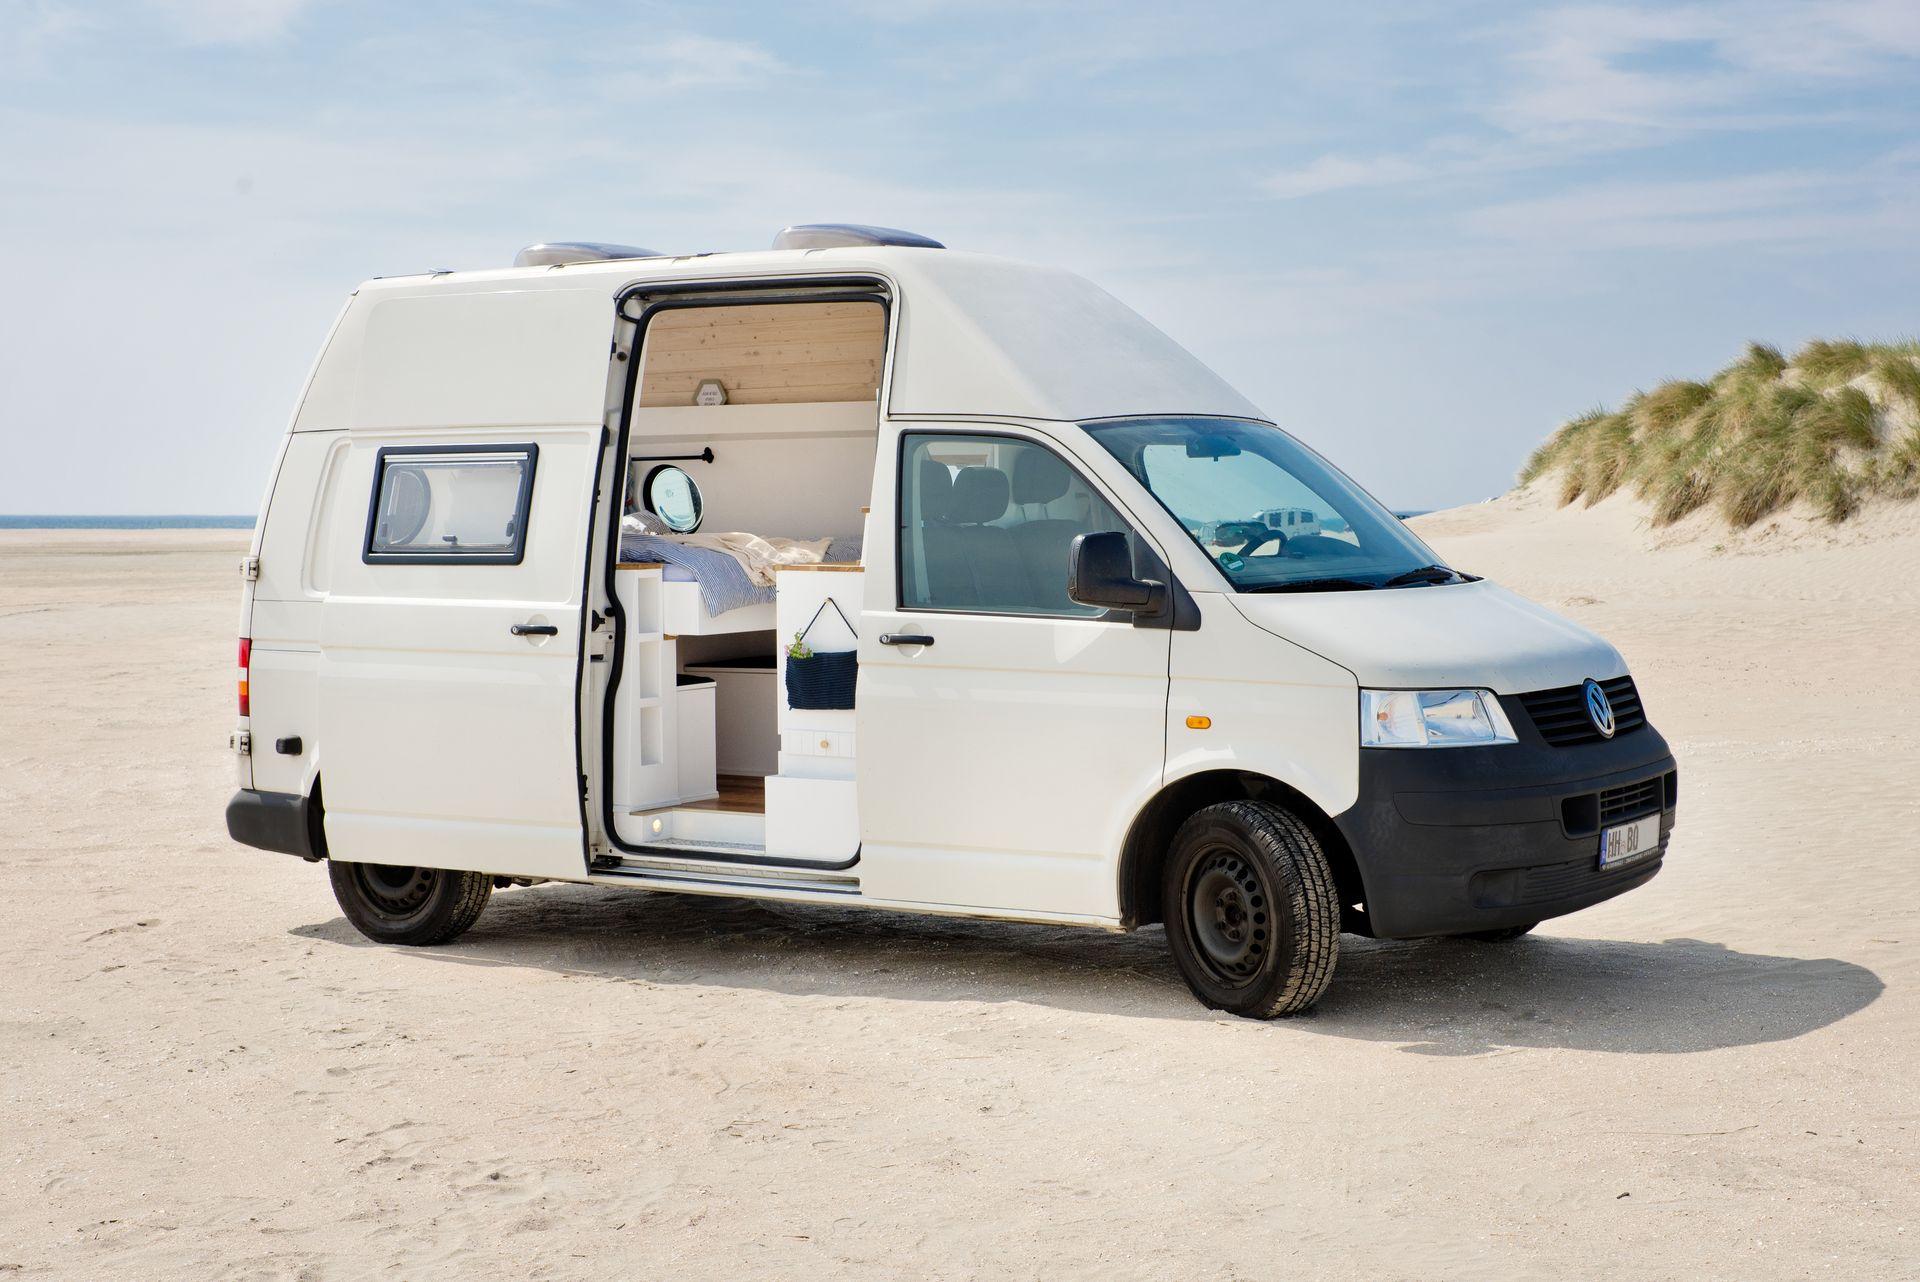 Nordvind_Camper_BOLLE_Camper_Vermietung_Ausbau_Hamburg_Bulli_VW_T5_individuell_Van_Manufaktur_02